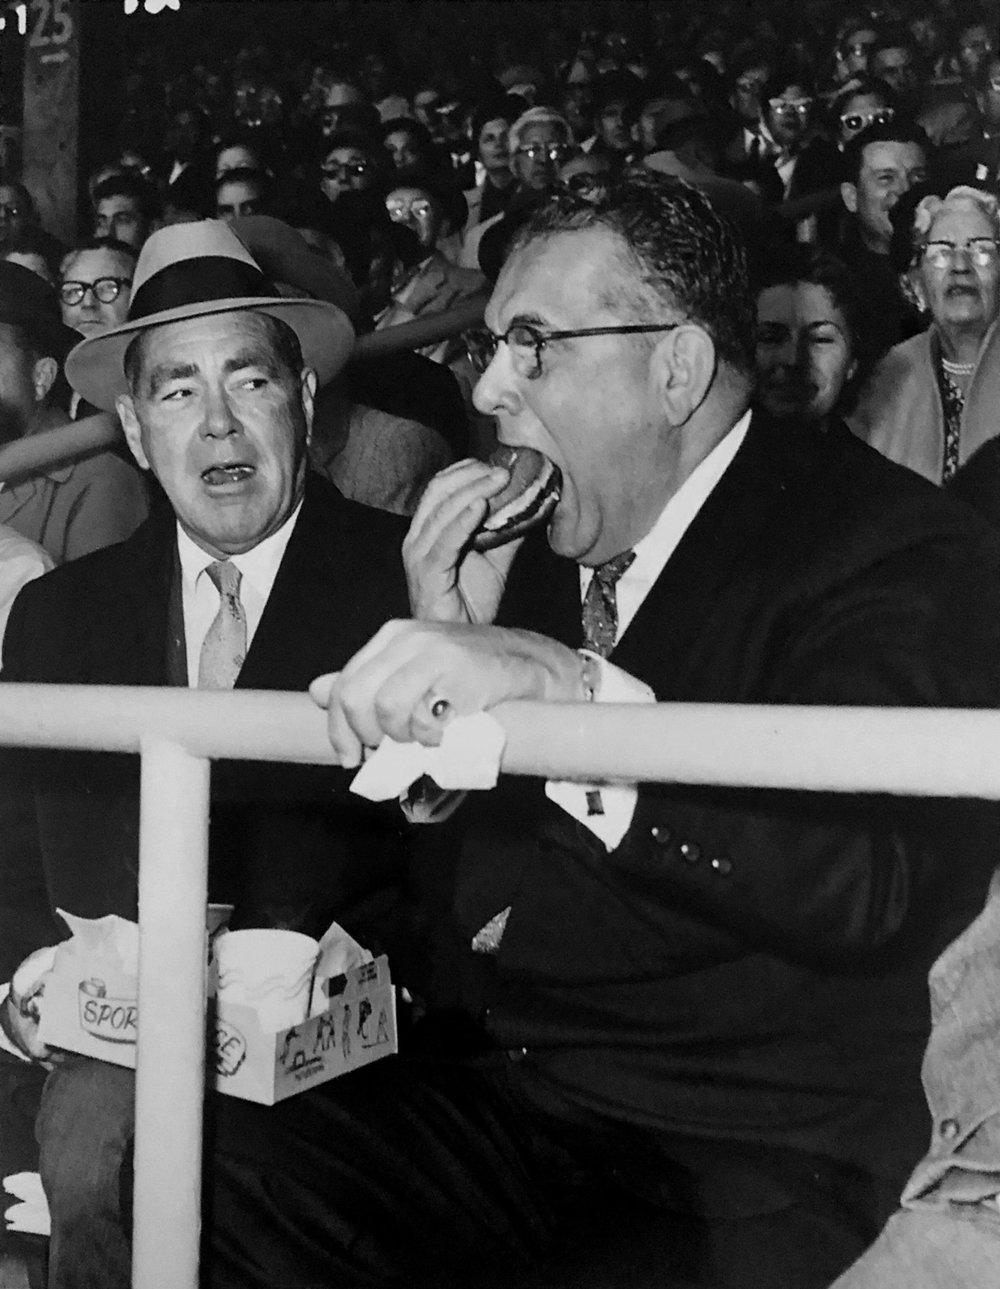 Arthur, dévorant un hamburger dans les gradins du Chicago Stadium en compagnie de son partenaire Jimmy Norris.